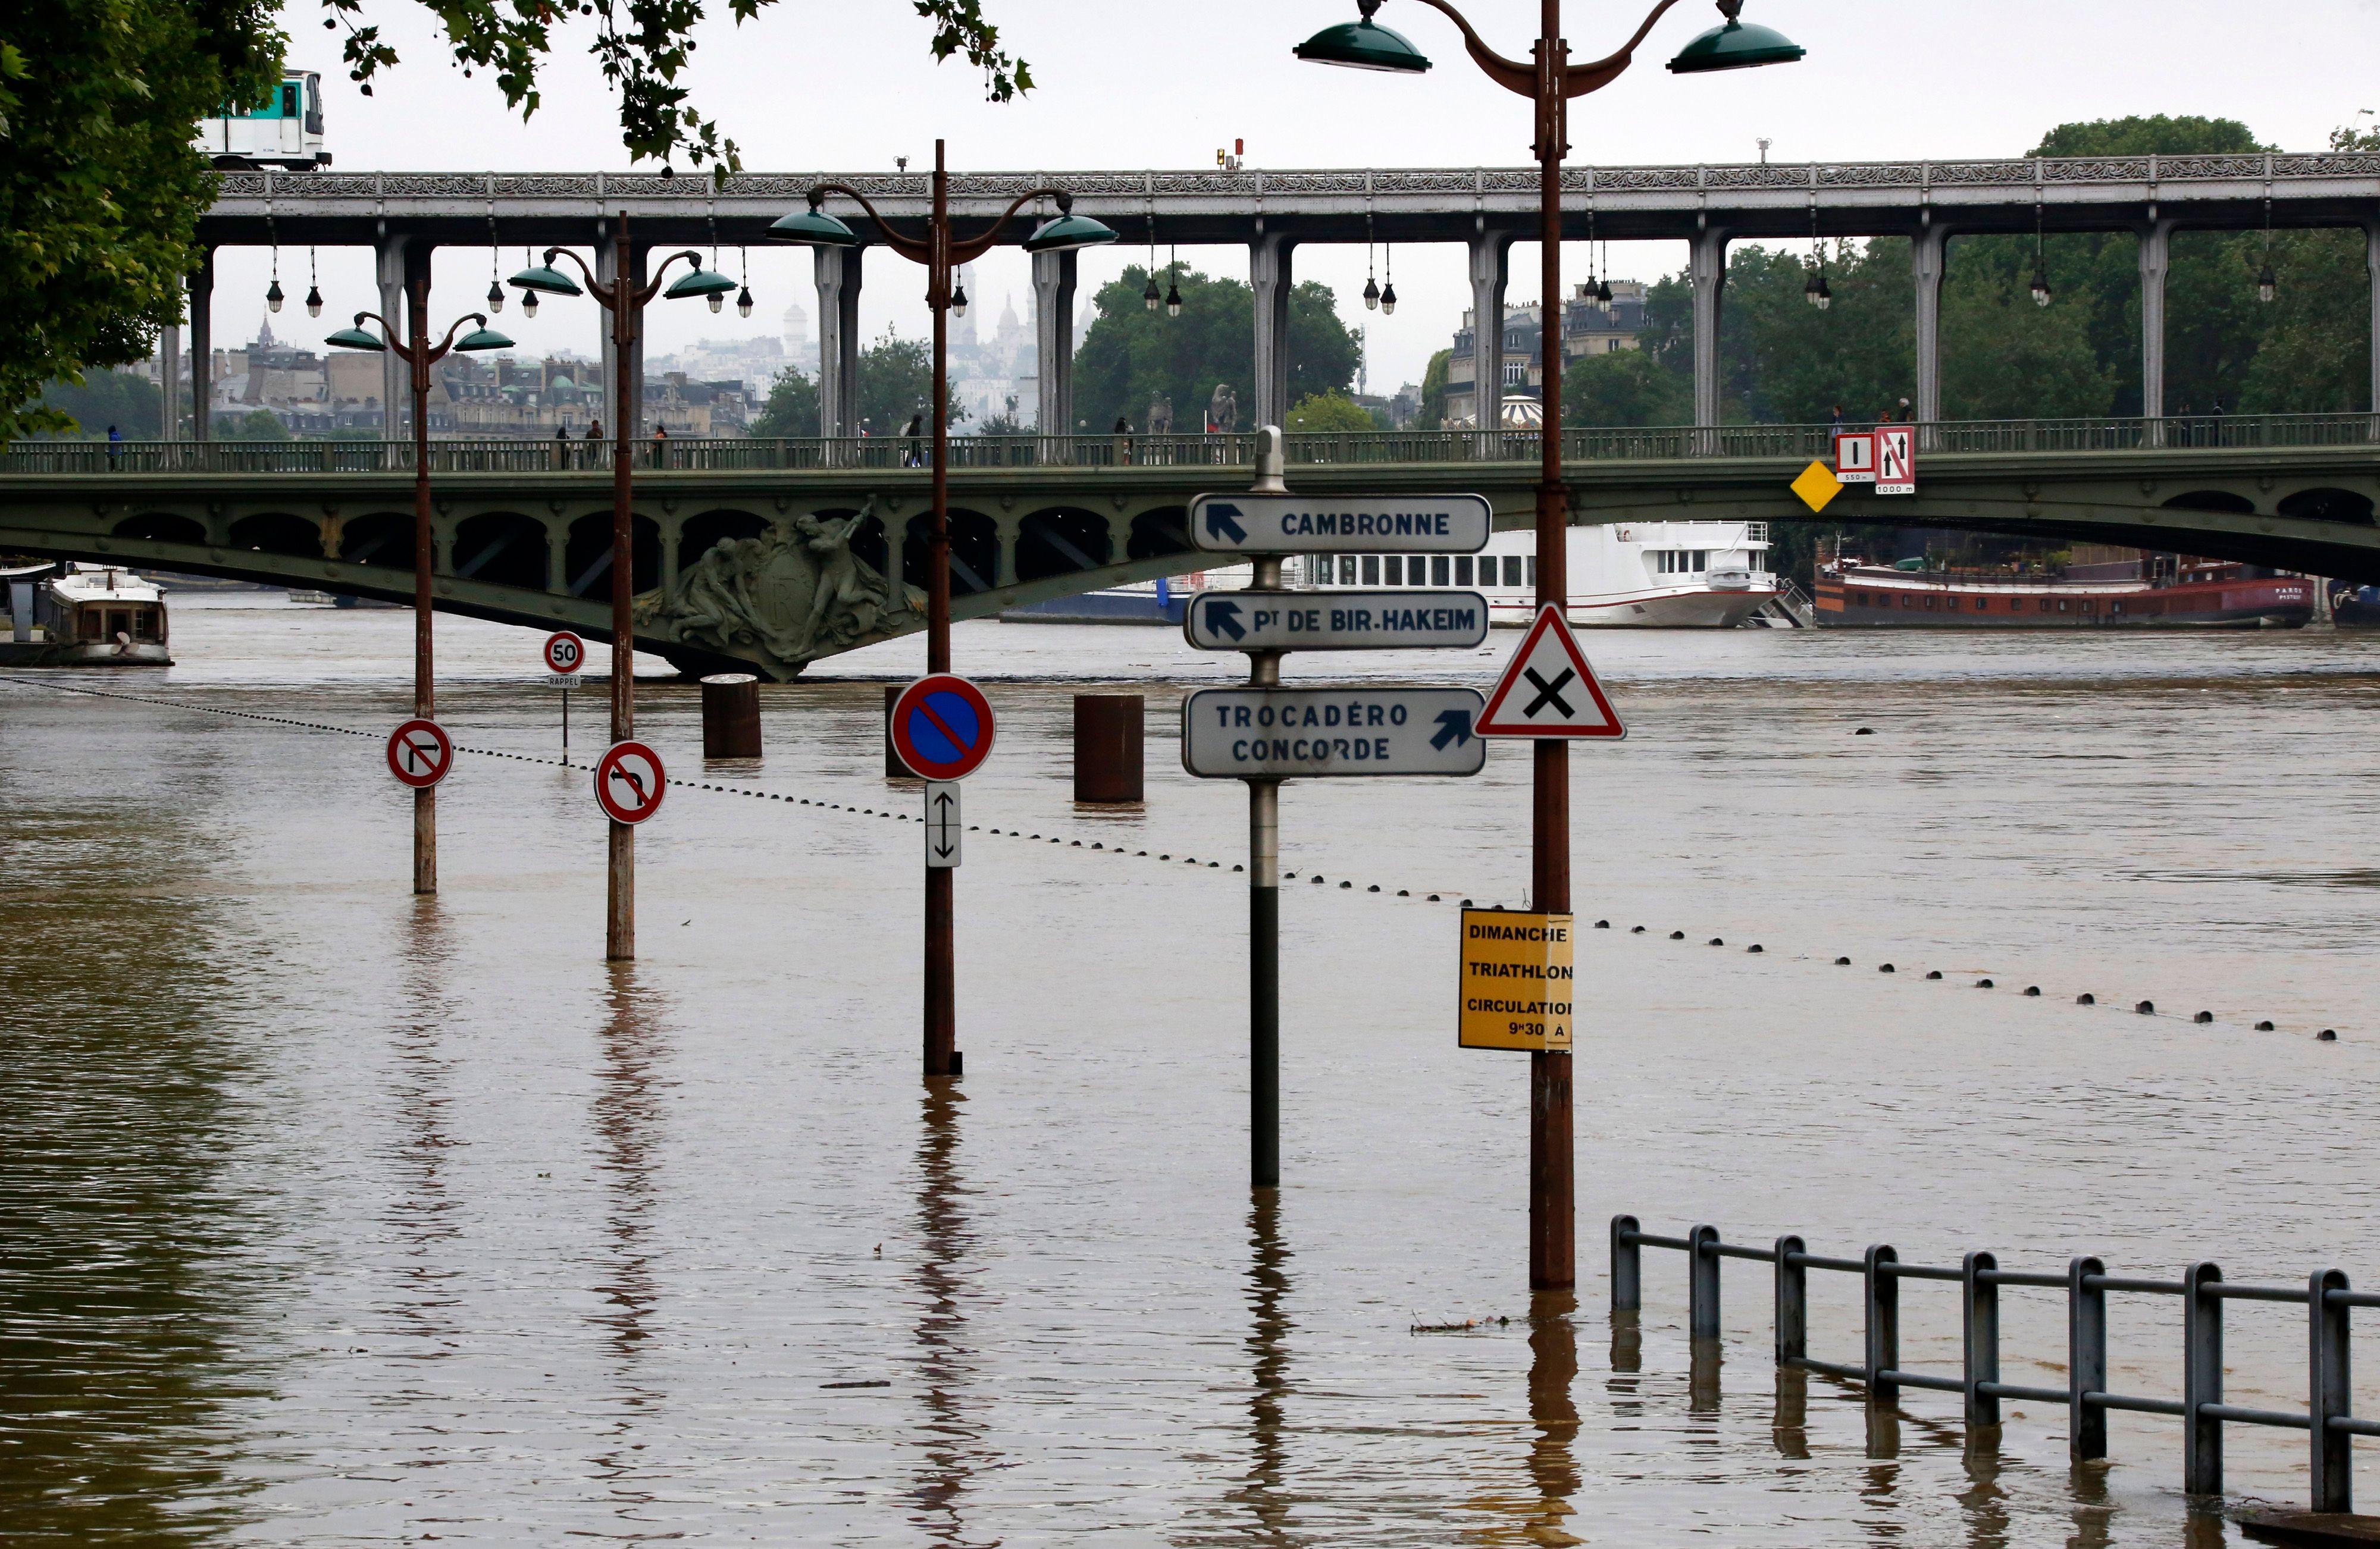 Inondations, intempéries : montant des dégâts, 1 milliard d'euros